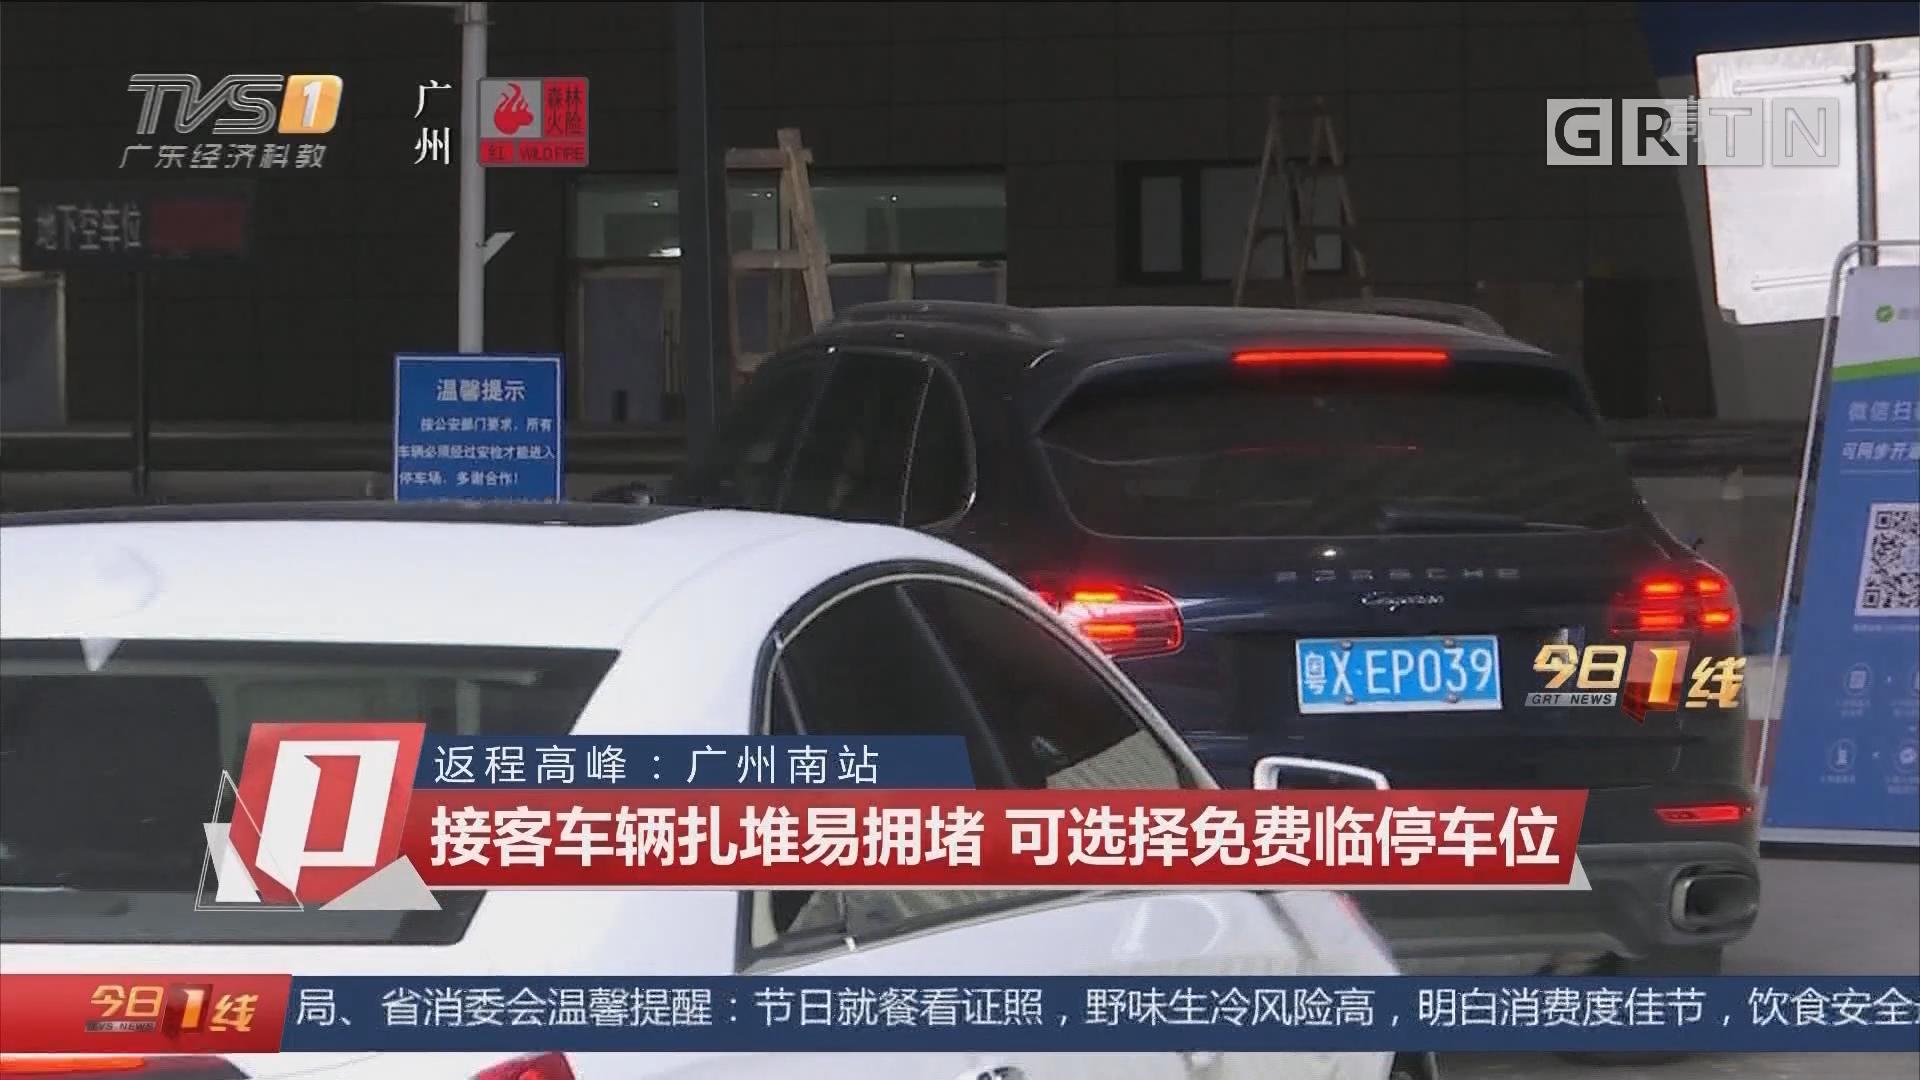 返程高峰:广州南站 接客车辆扎堆易拥堵 可选择免费临停车位